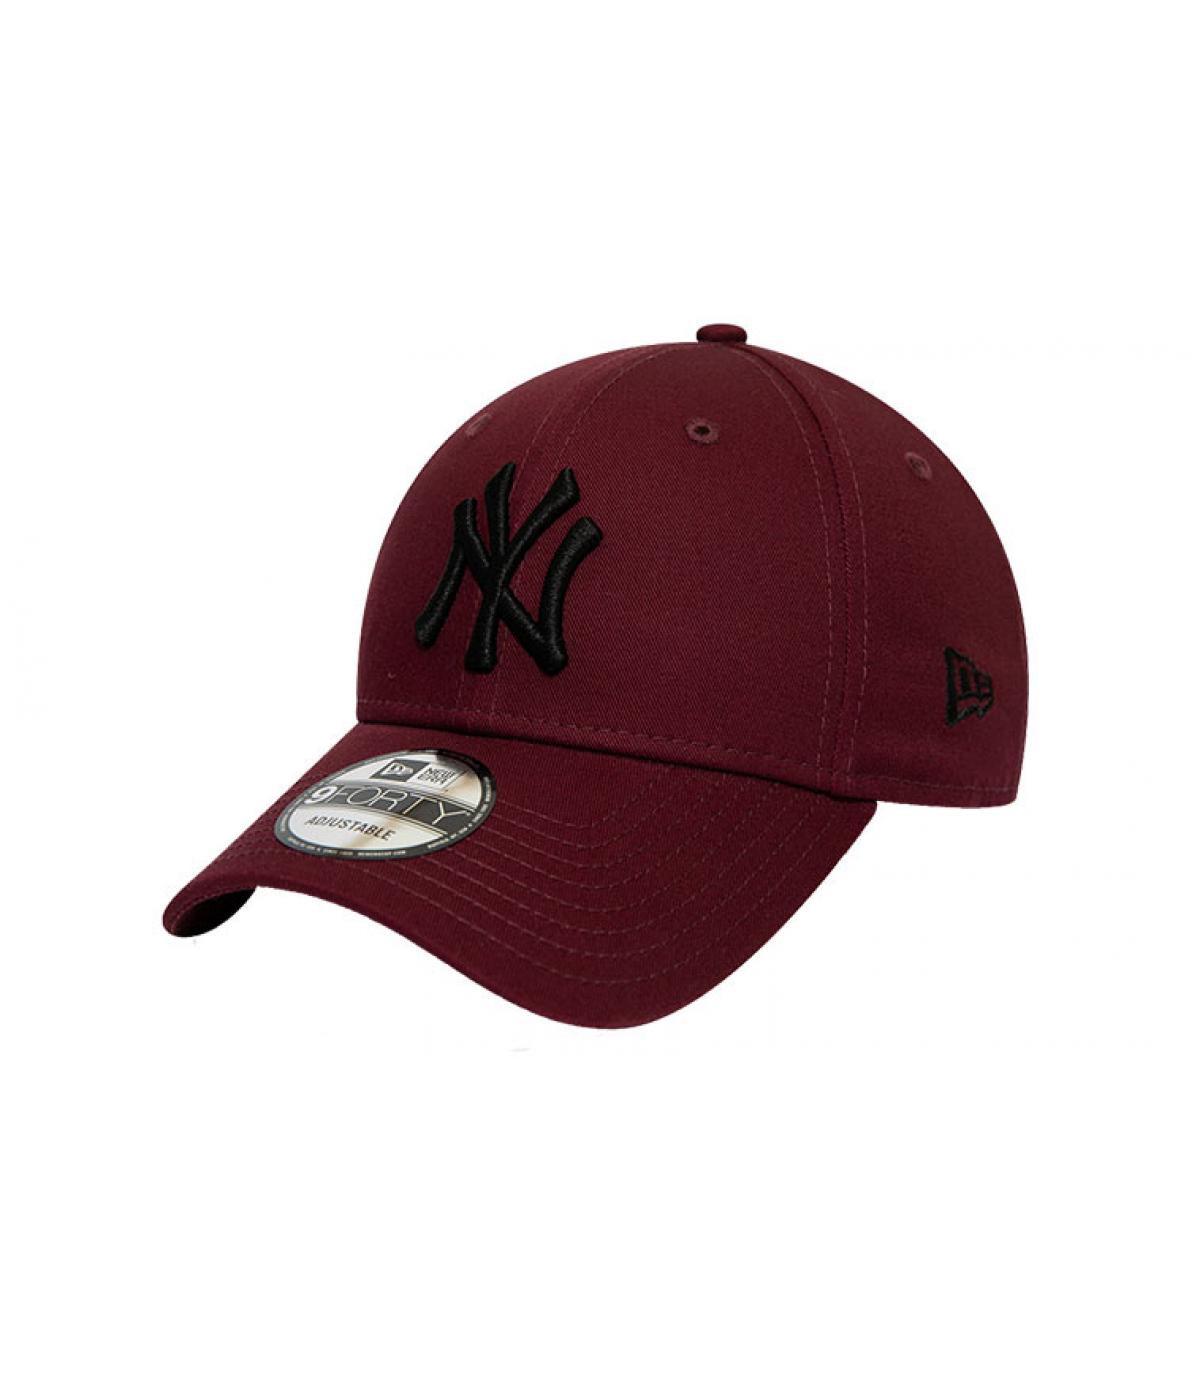 Details Cap League Ess NY 940 maroon black - Abbildung 2